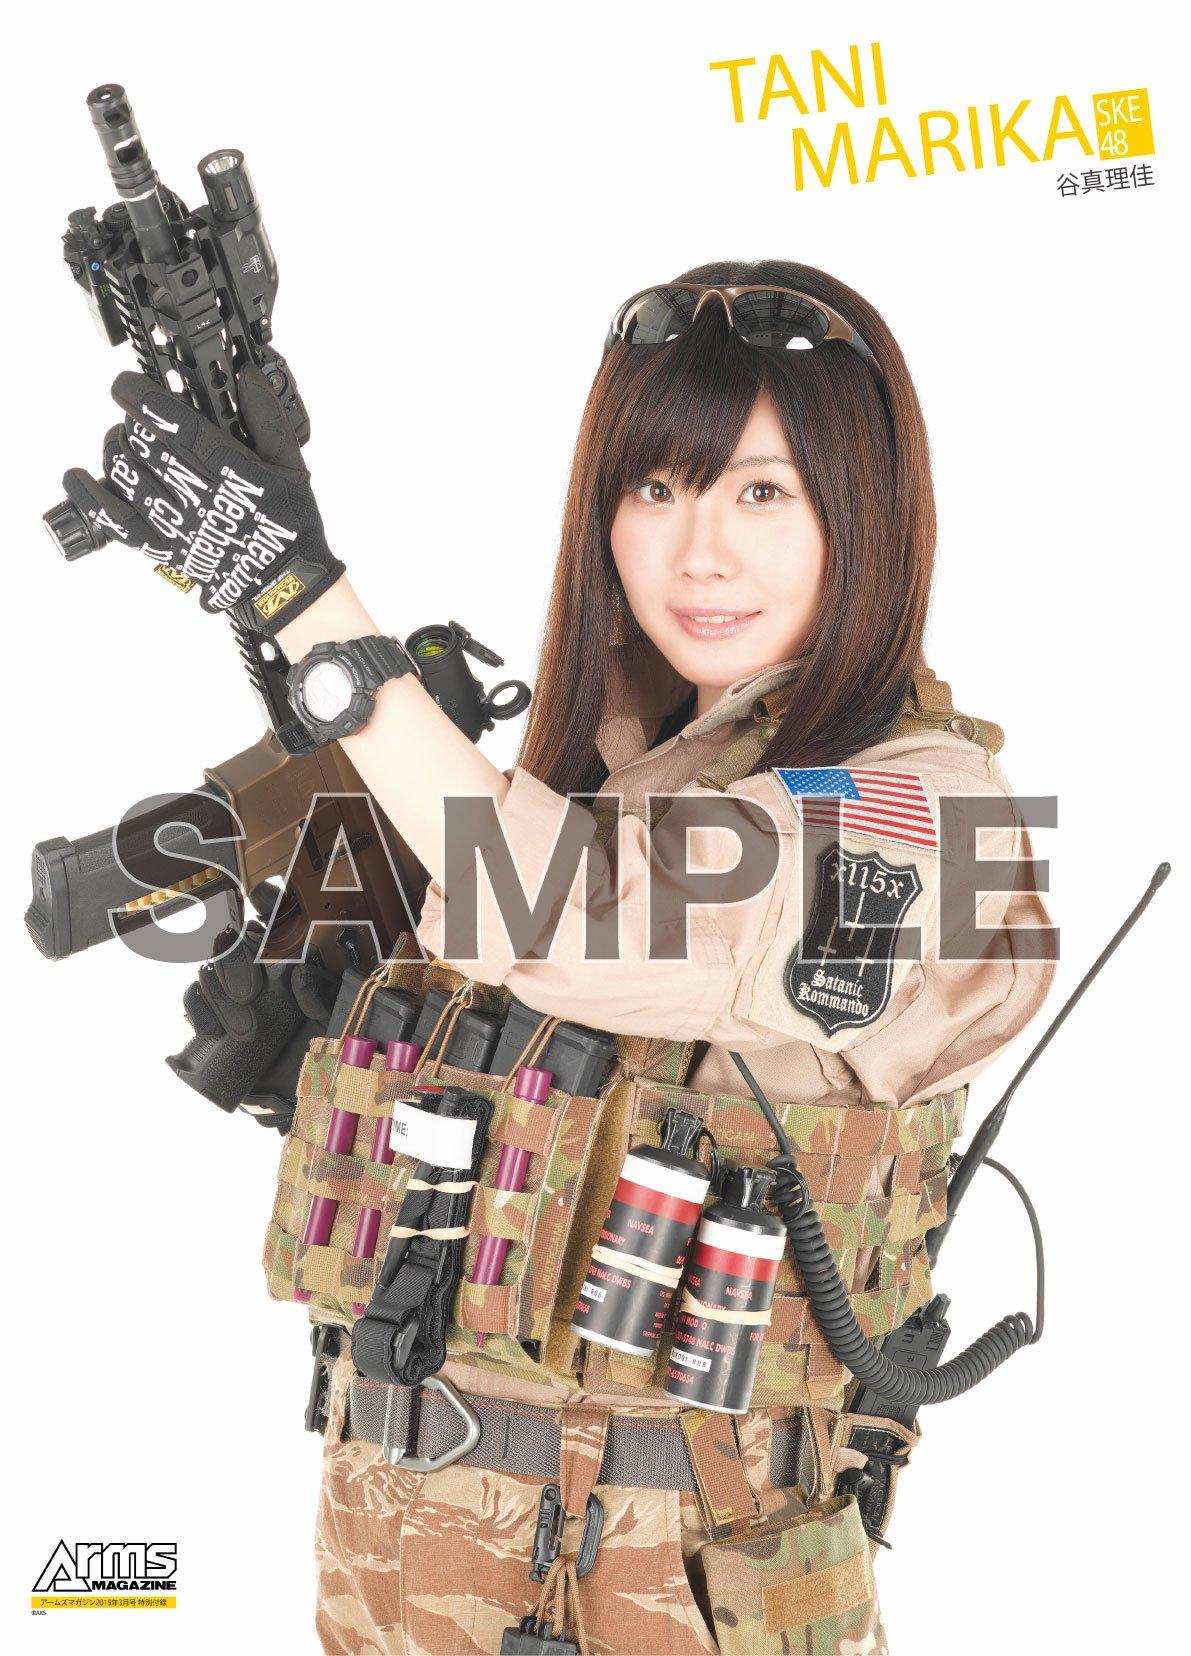 月刊 Arms MAGAZINE アームズマガジン 2015年3月号